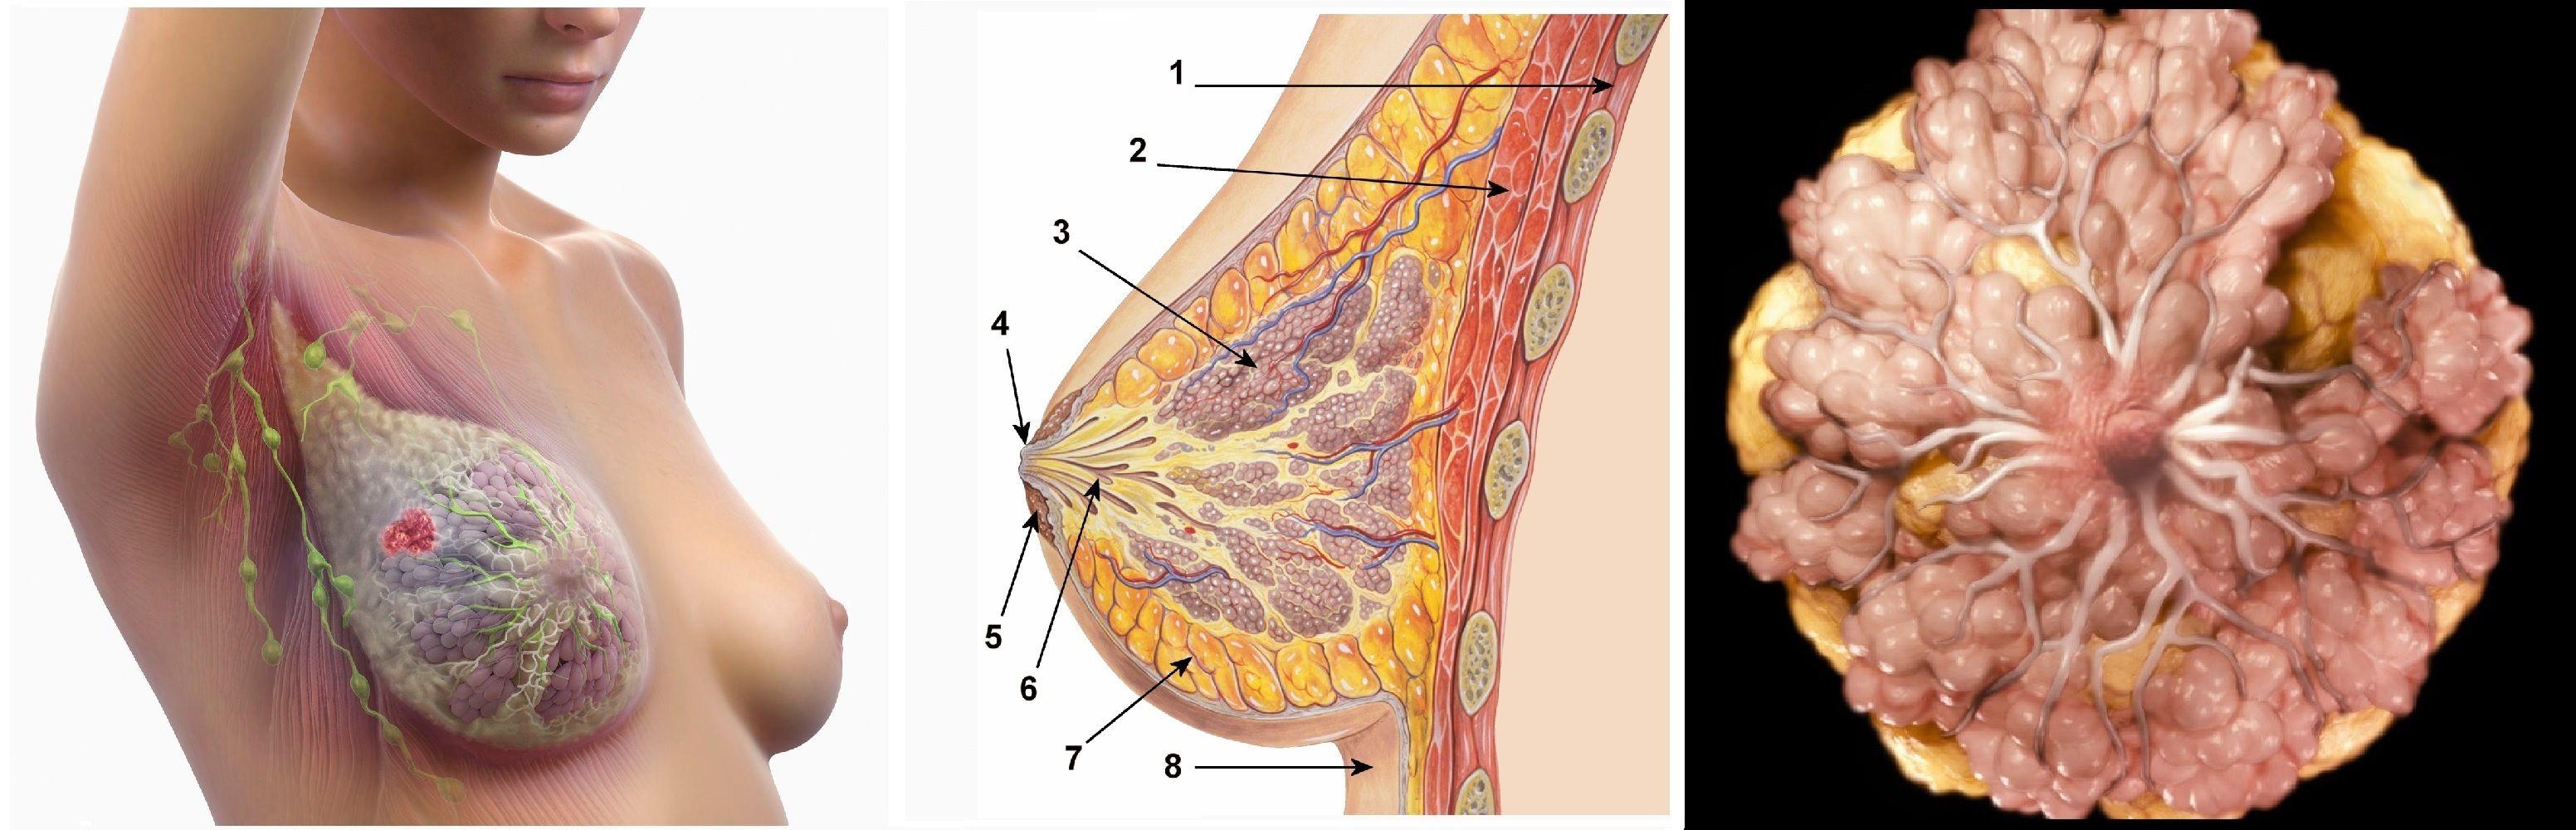 Большие груди в онкологии